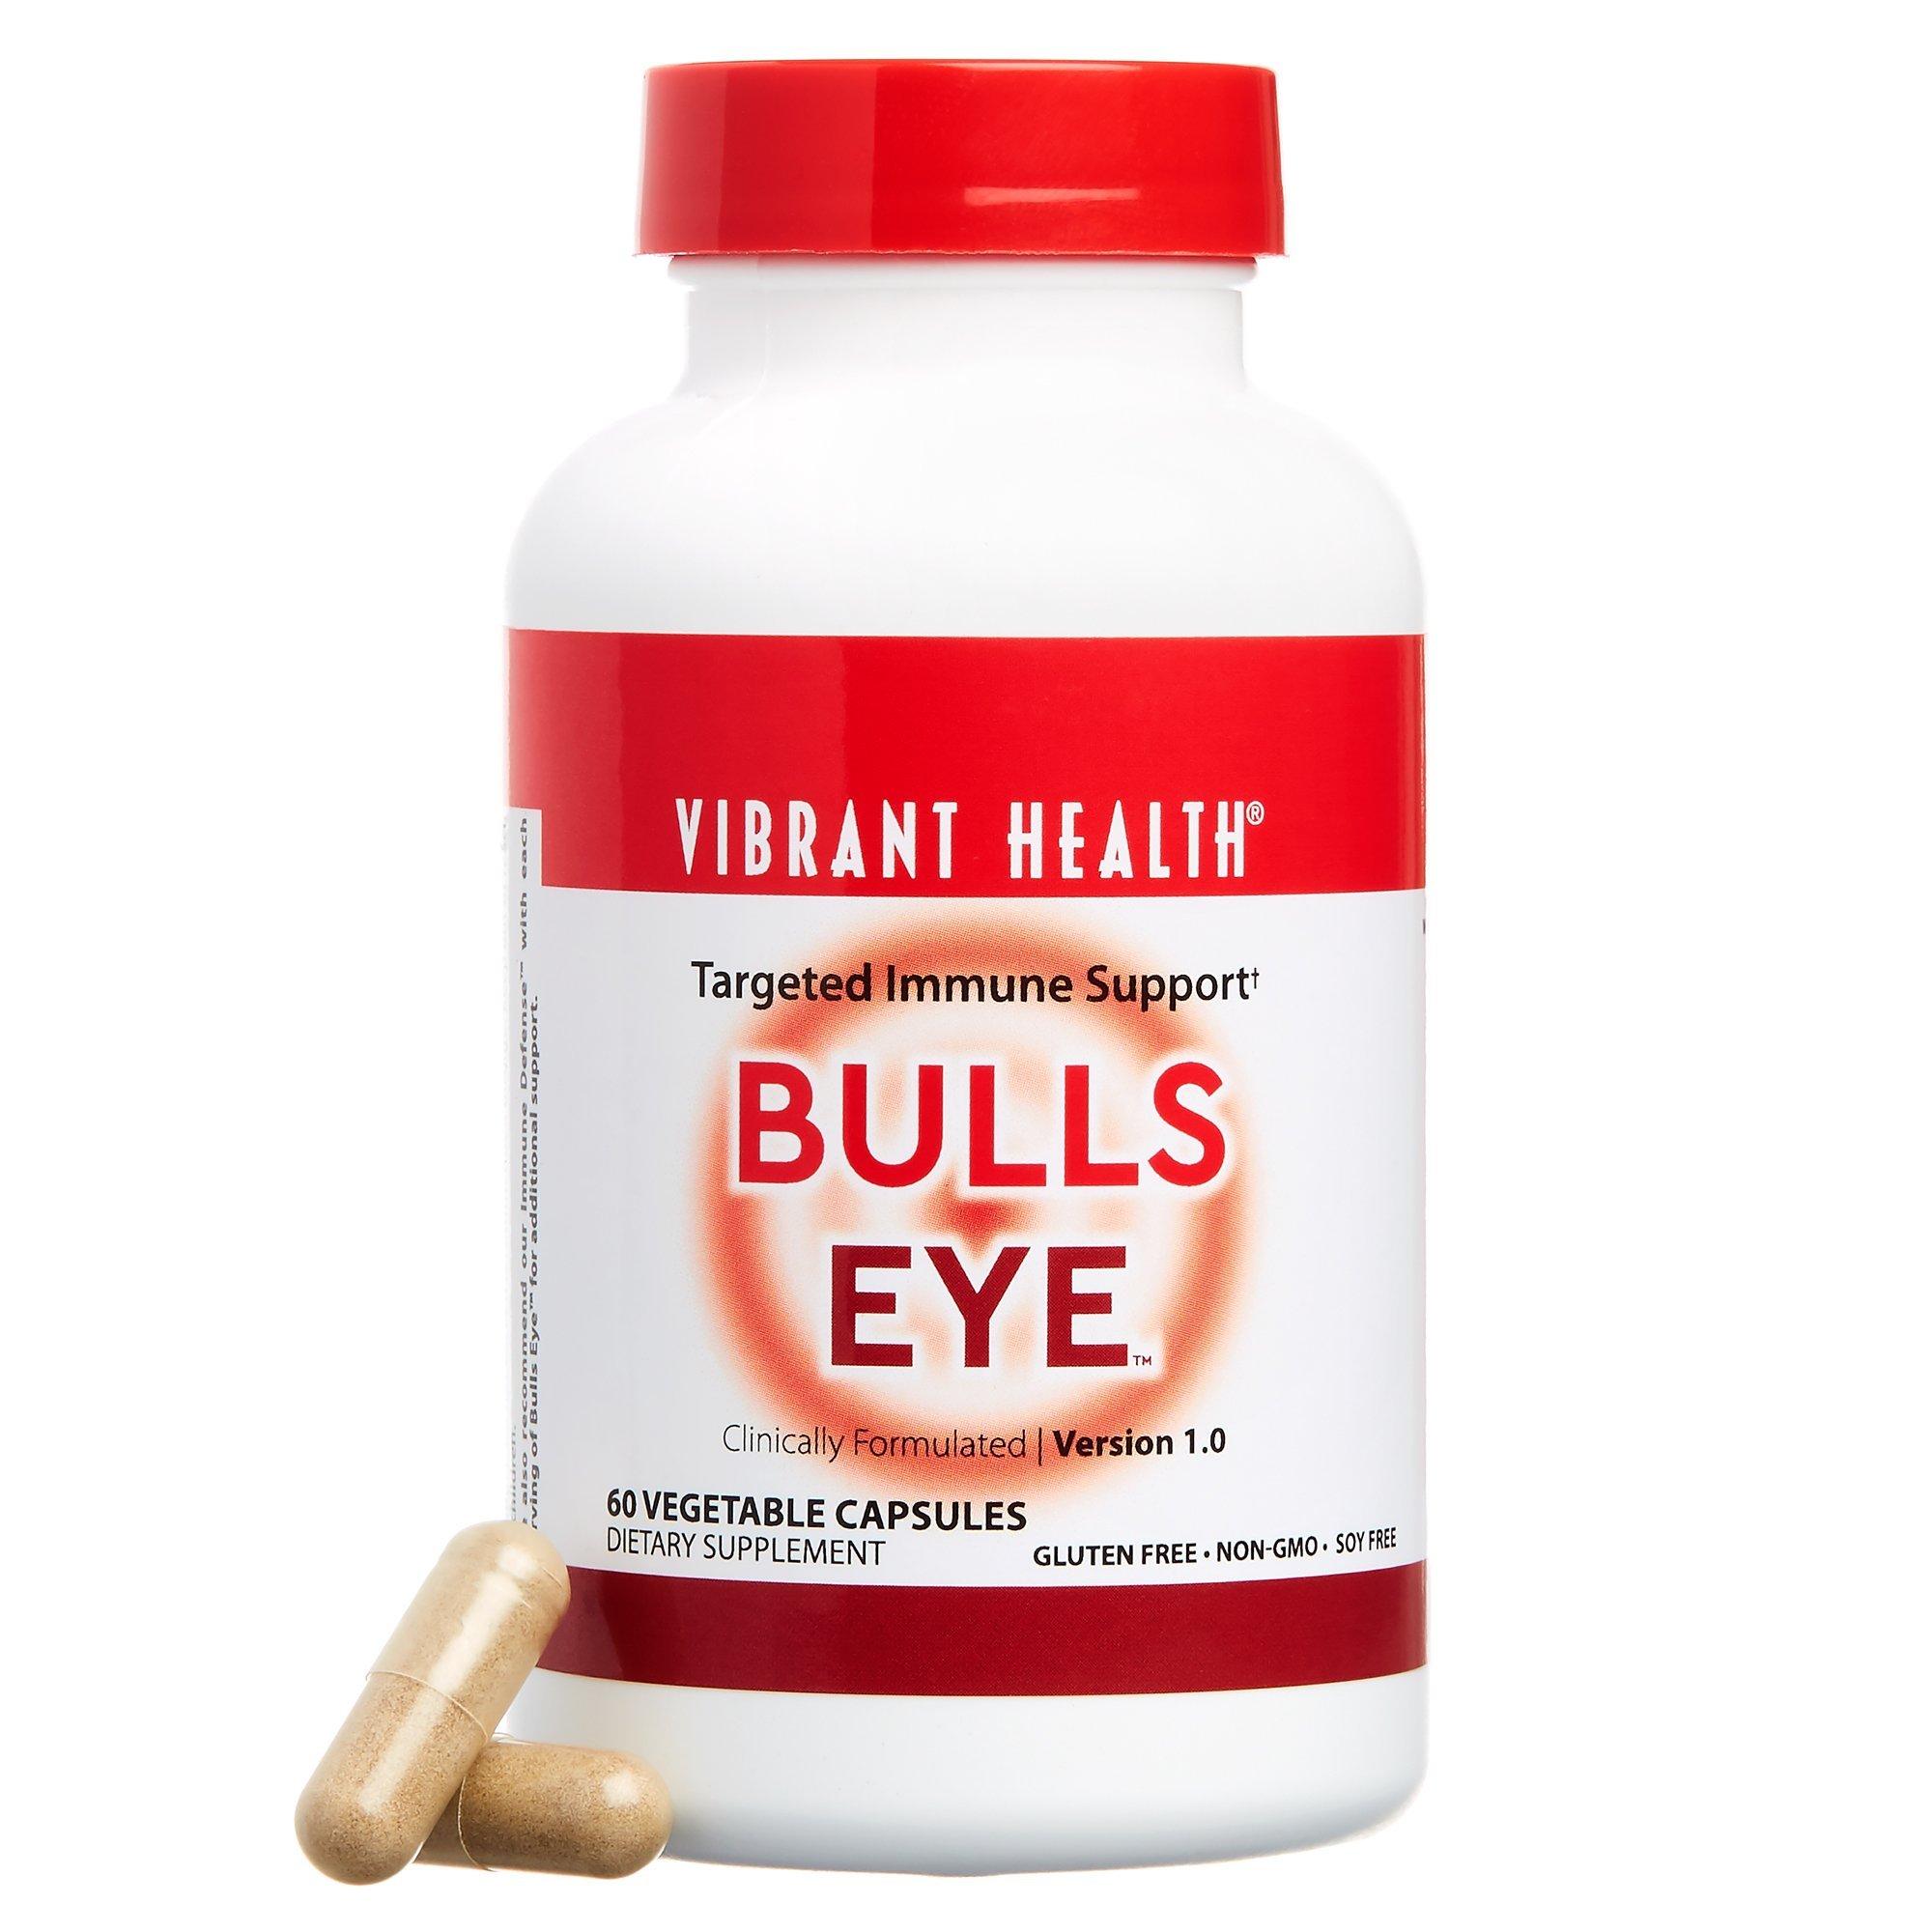 Vibrant Health- Bulls Eye, Targeted Immune Support, 60 Capsules